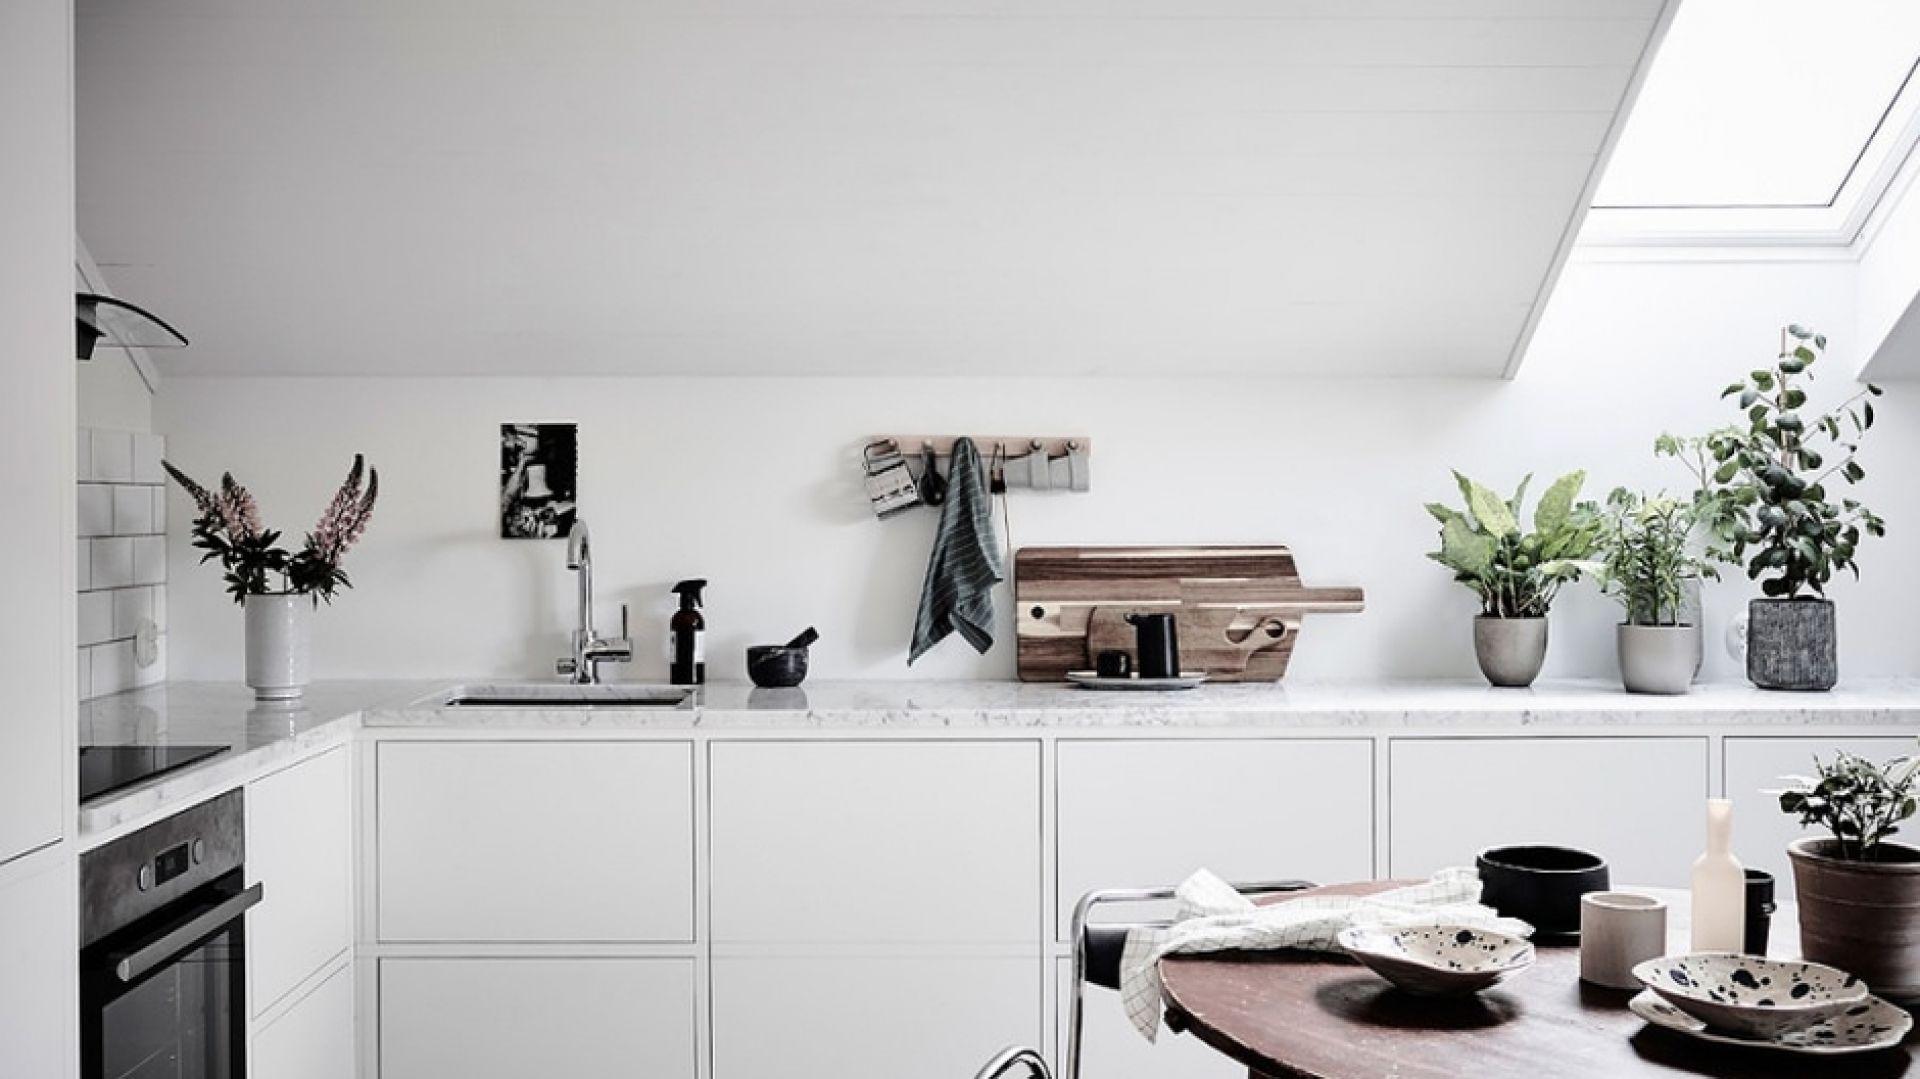 Każda kuchnia powinna być przede wszystkim funkcjonalna. Nawet w najtrudniejszych pomieszczeniach warto zadbać o wygodę gotowania. Fot. CH Fasty